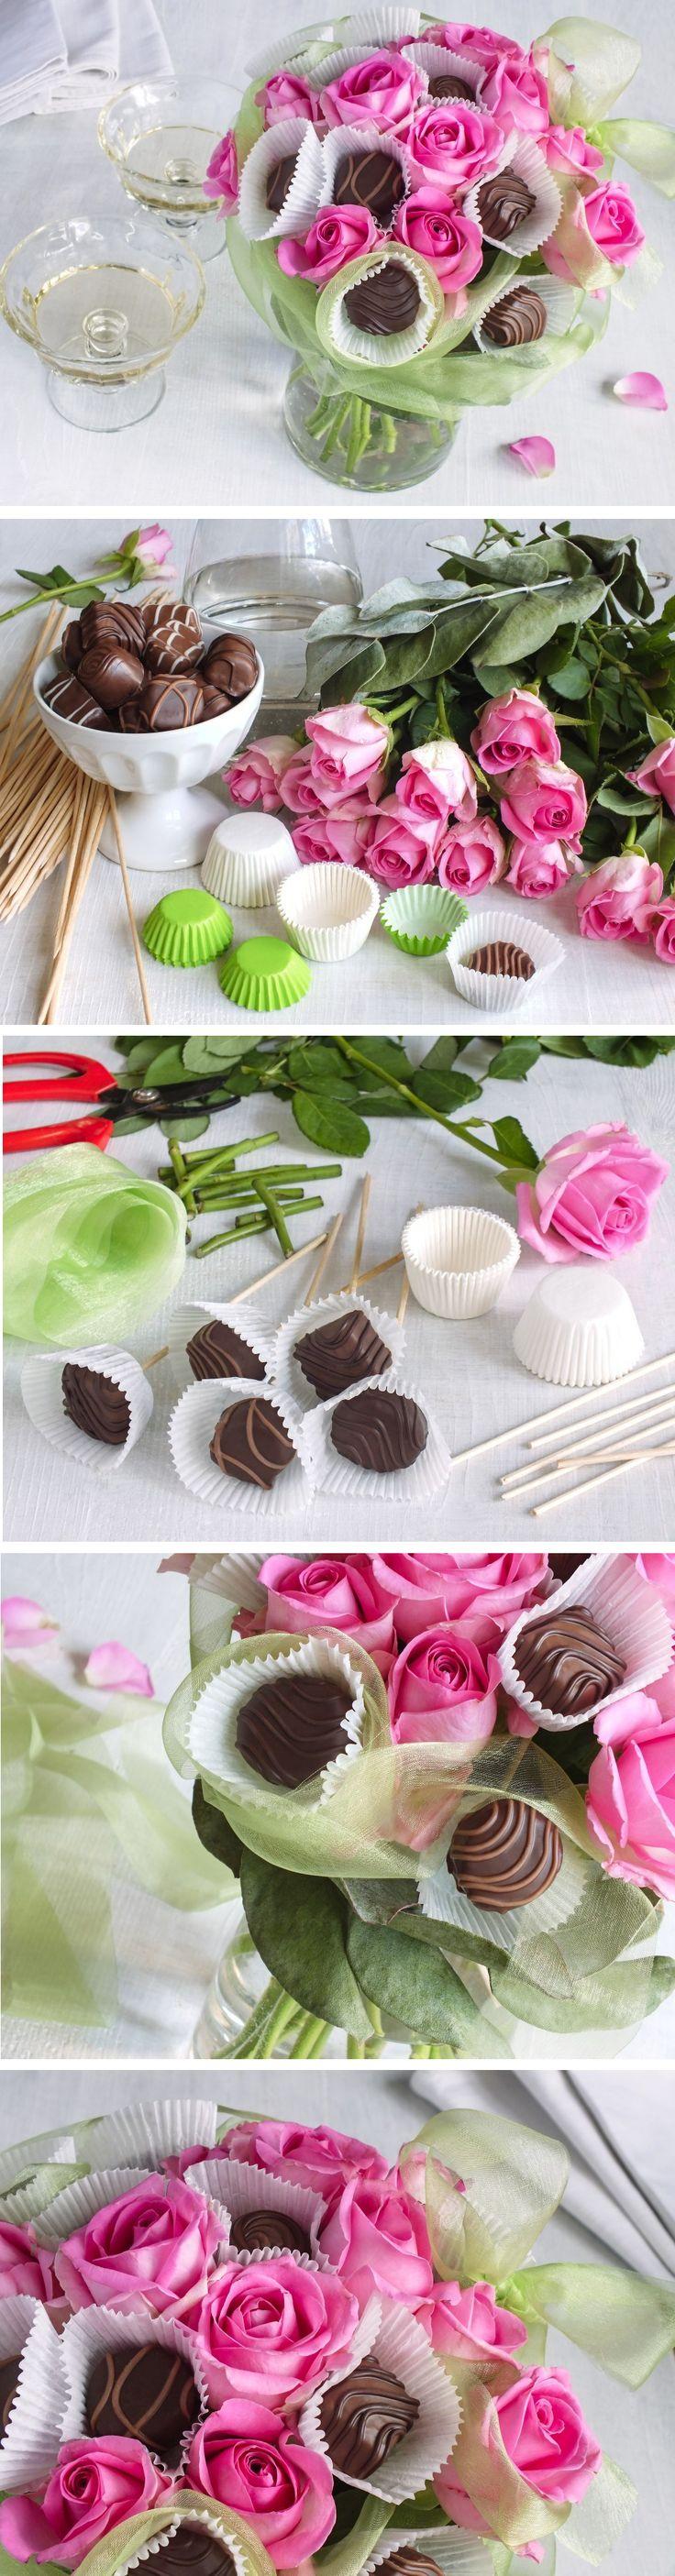 Rafinované spojení dvou dárků - květin a čokolády. Můžete přidat i novou vázu, ve které je celá aranž zasazená.